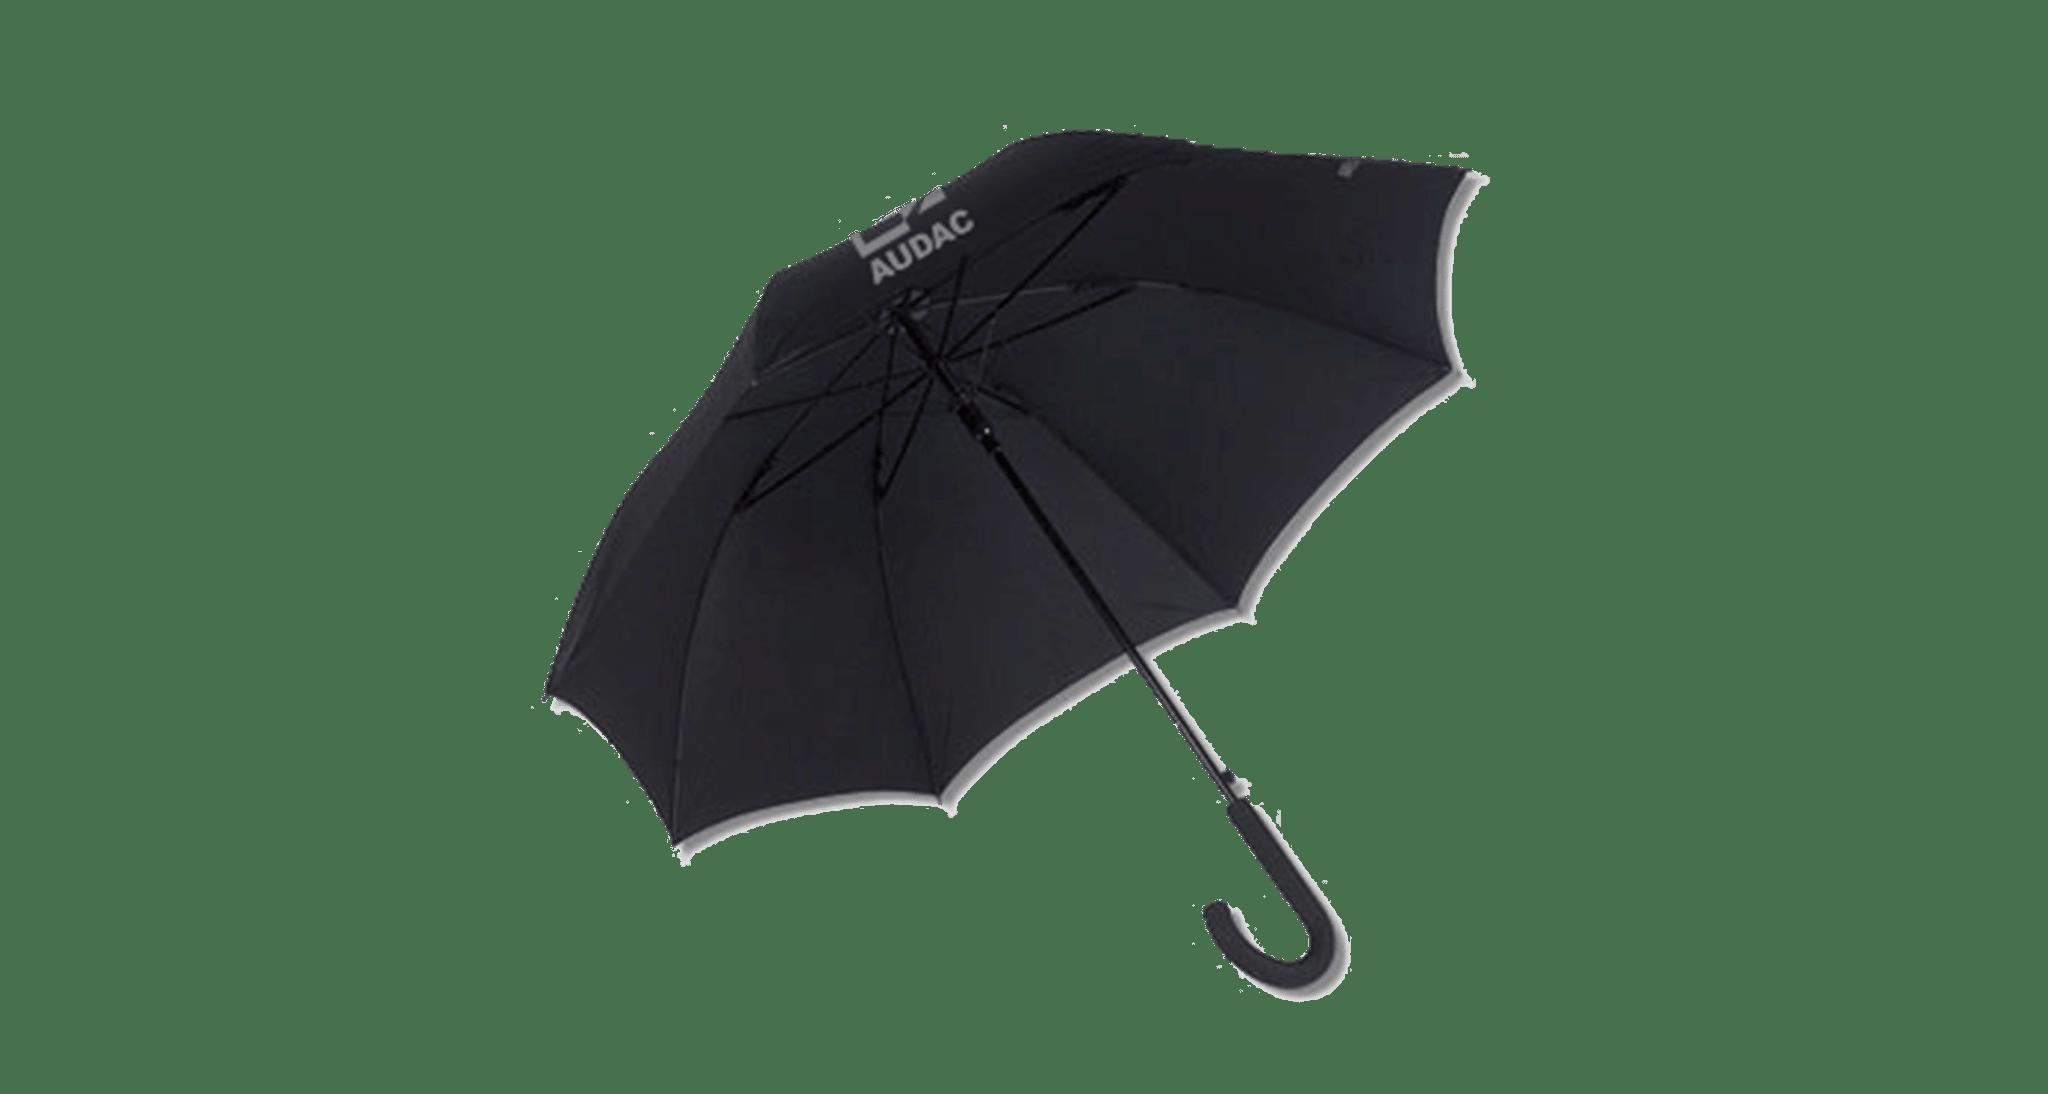 PROMO5080 - AUDAC umbrella